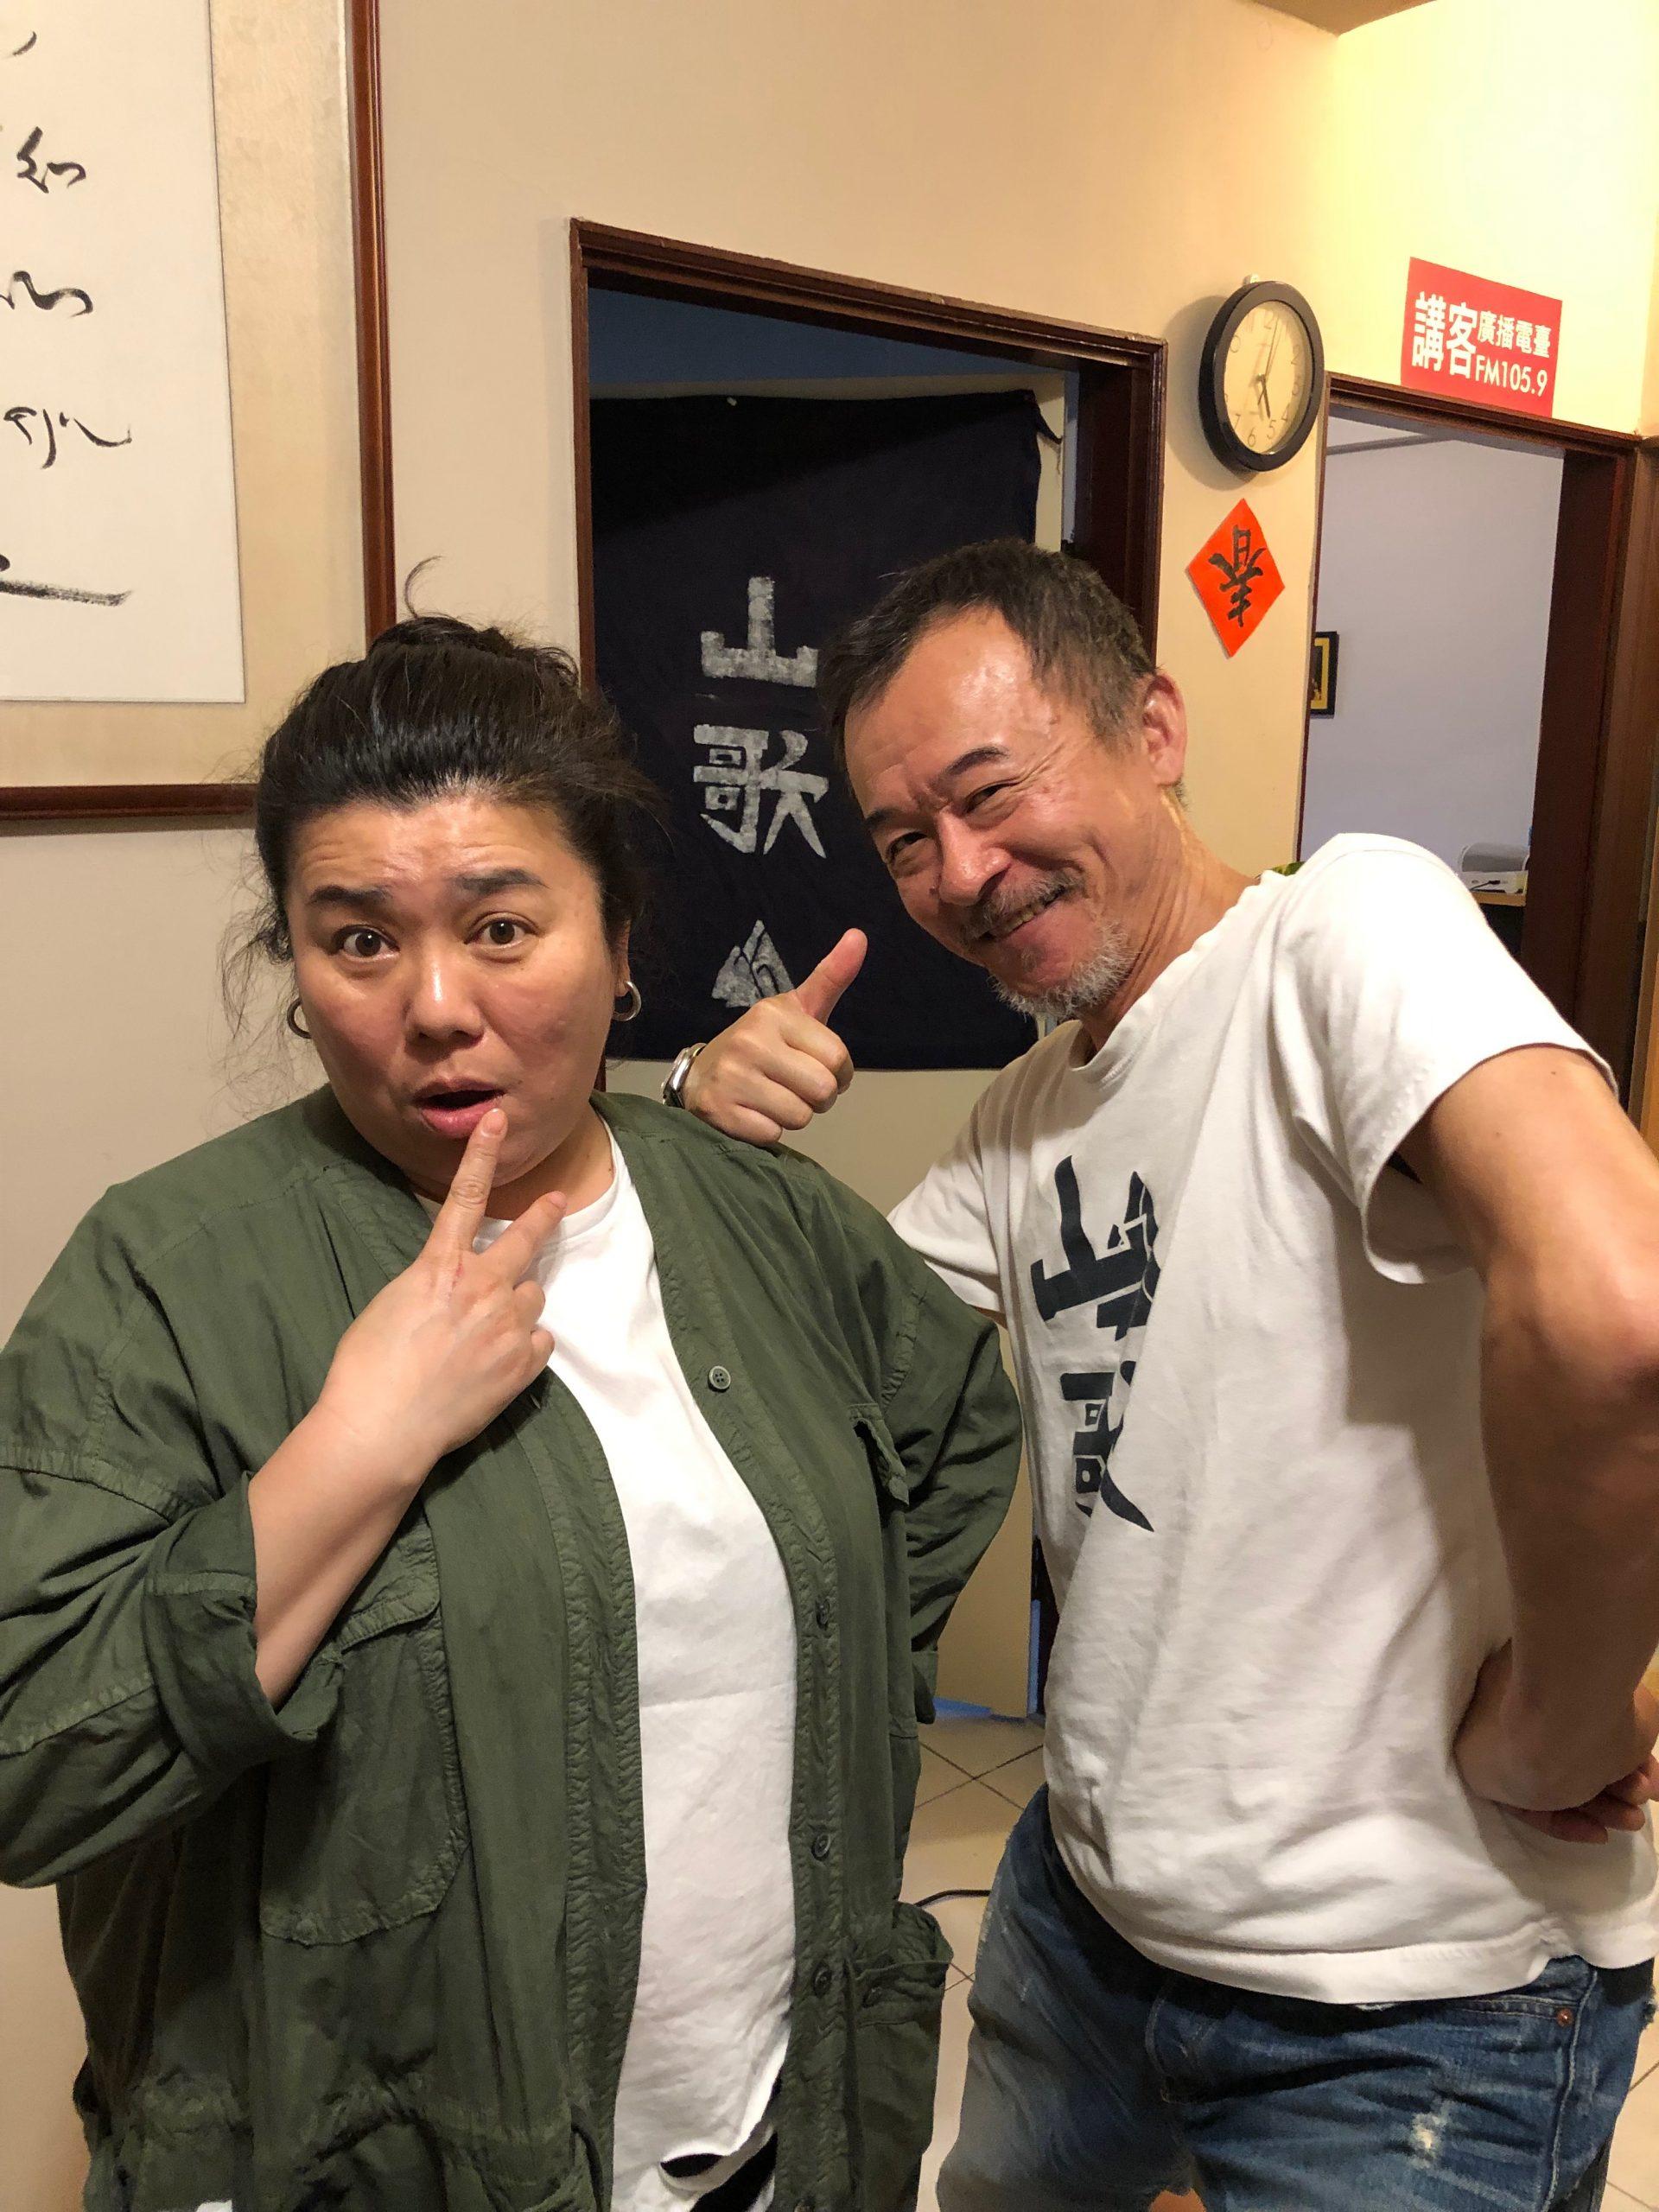 本周大來賓 雙金影后林美秀  4月30日10點講客廣播電臺 摎你講心肚話